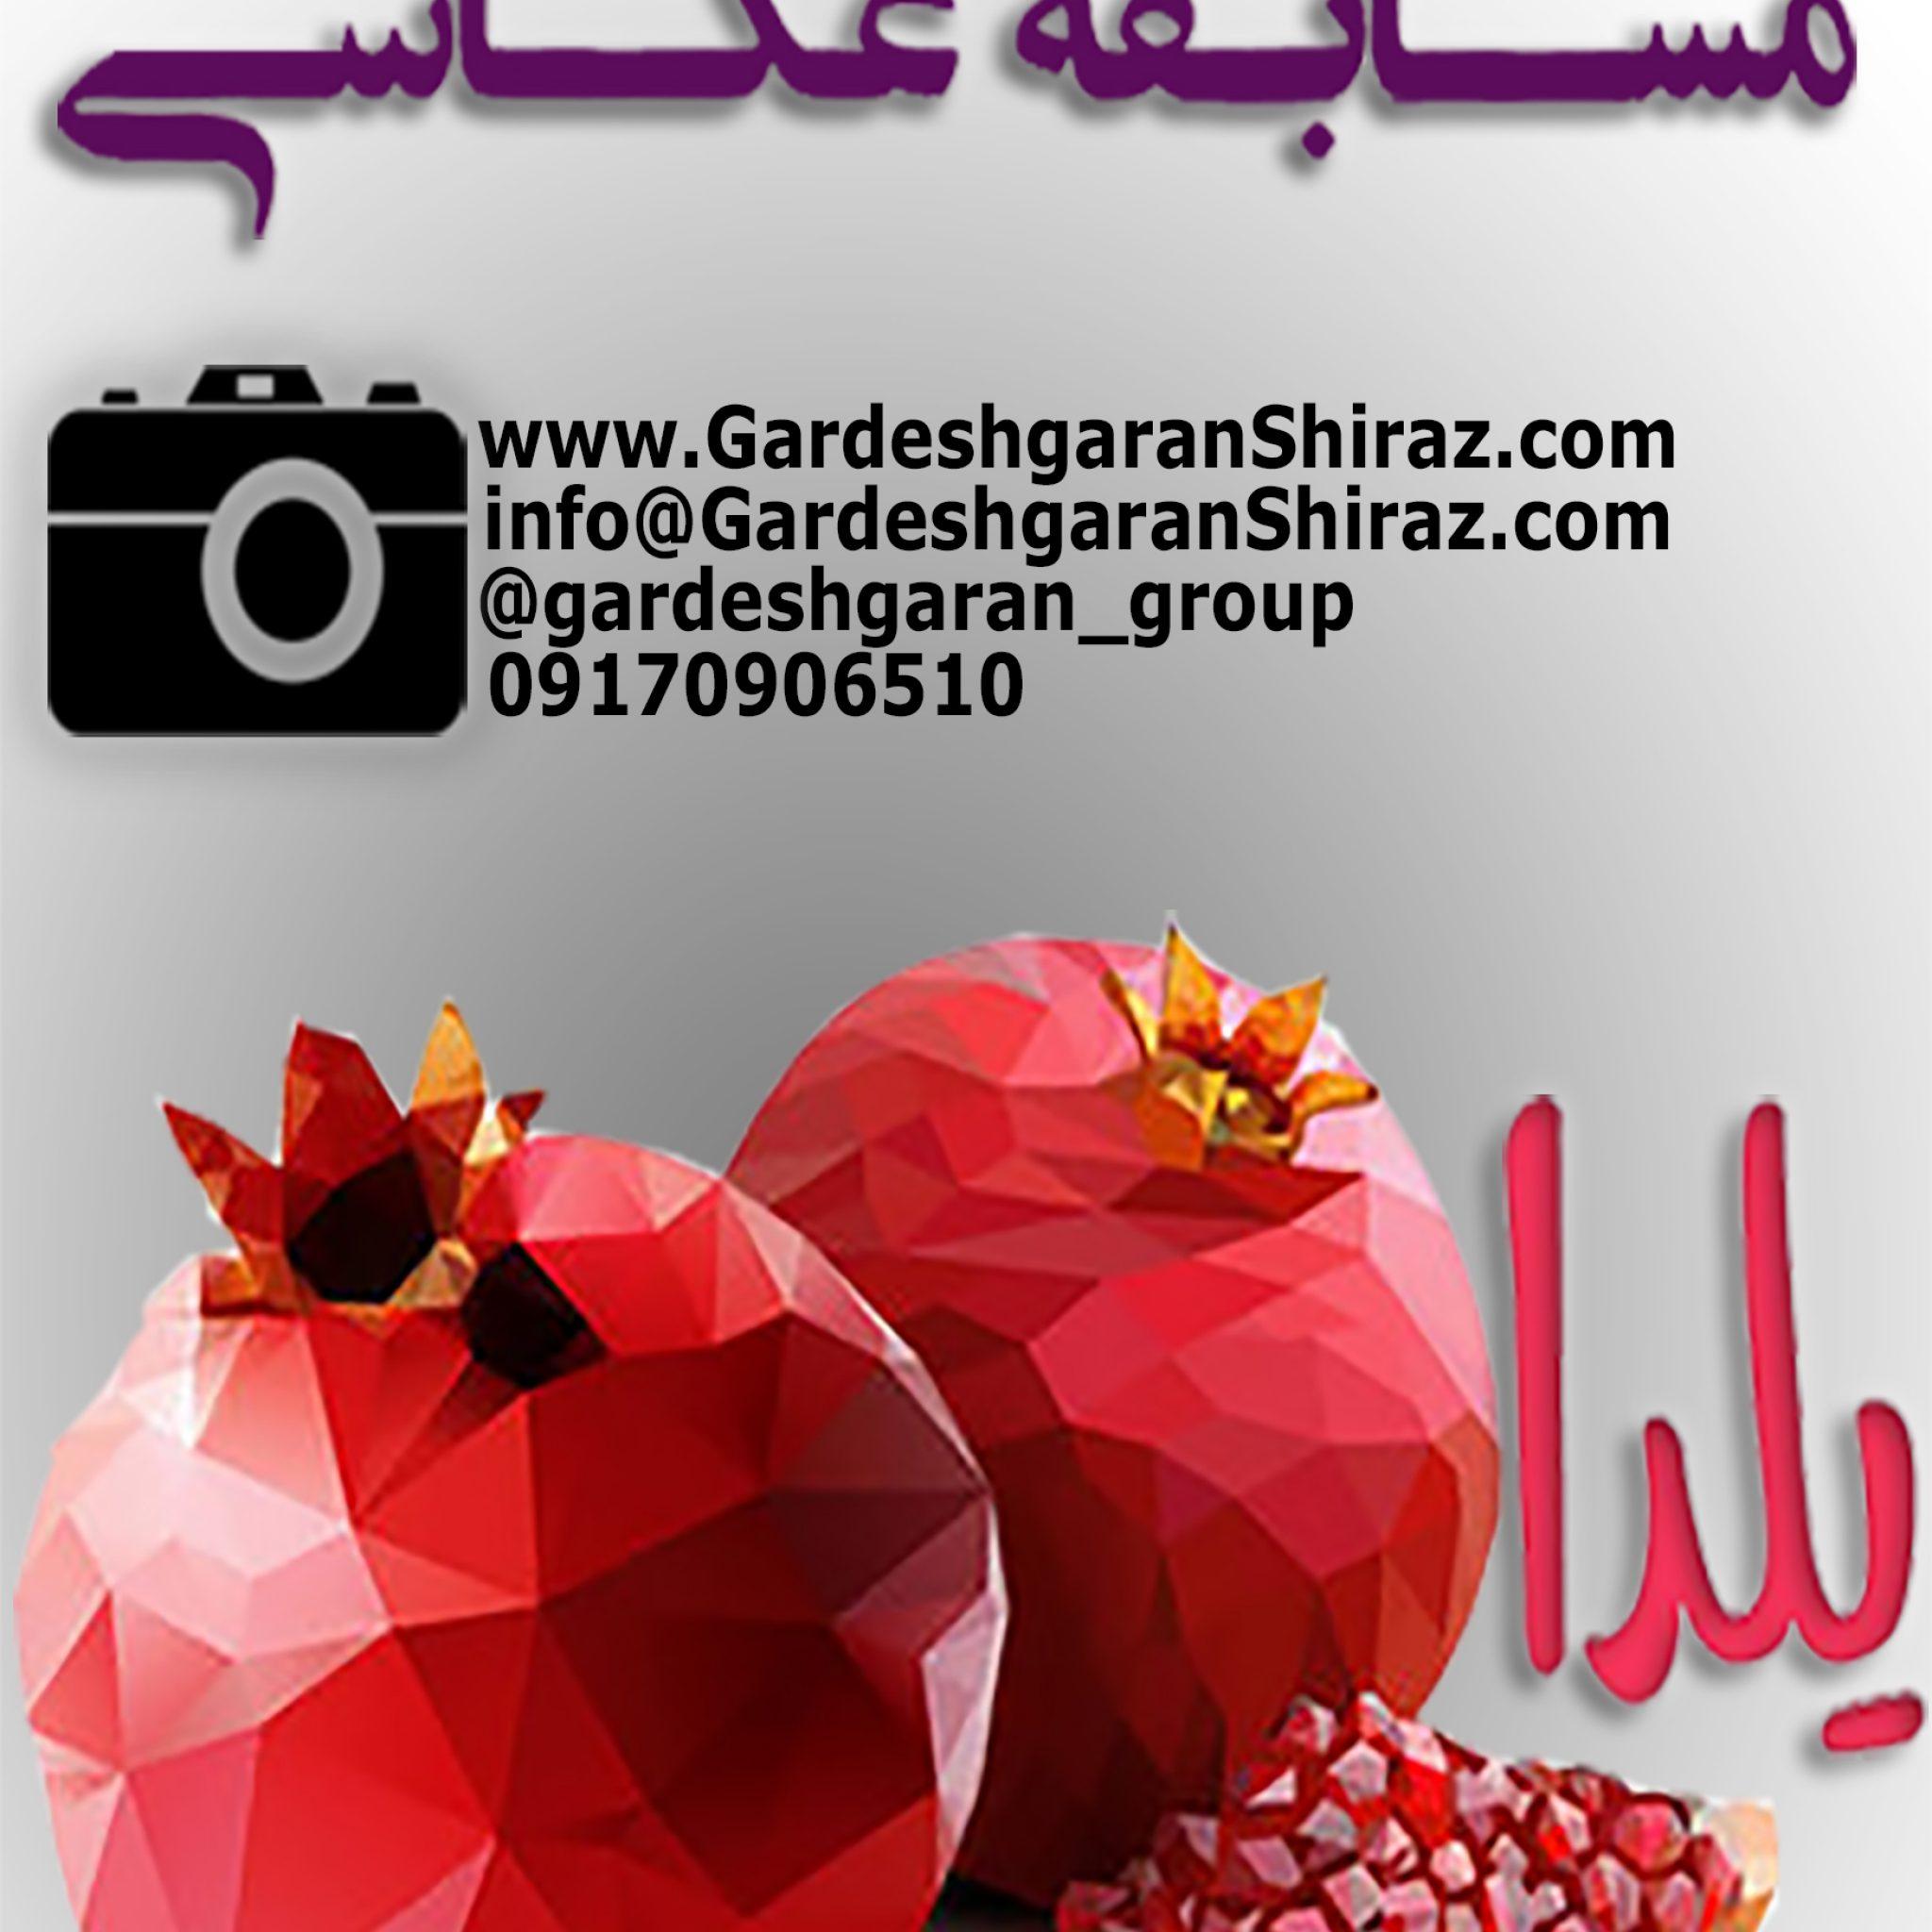 شب یلدا با جوایز ویژه گردشگران شیراز